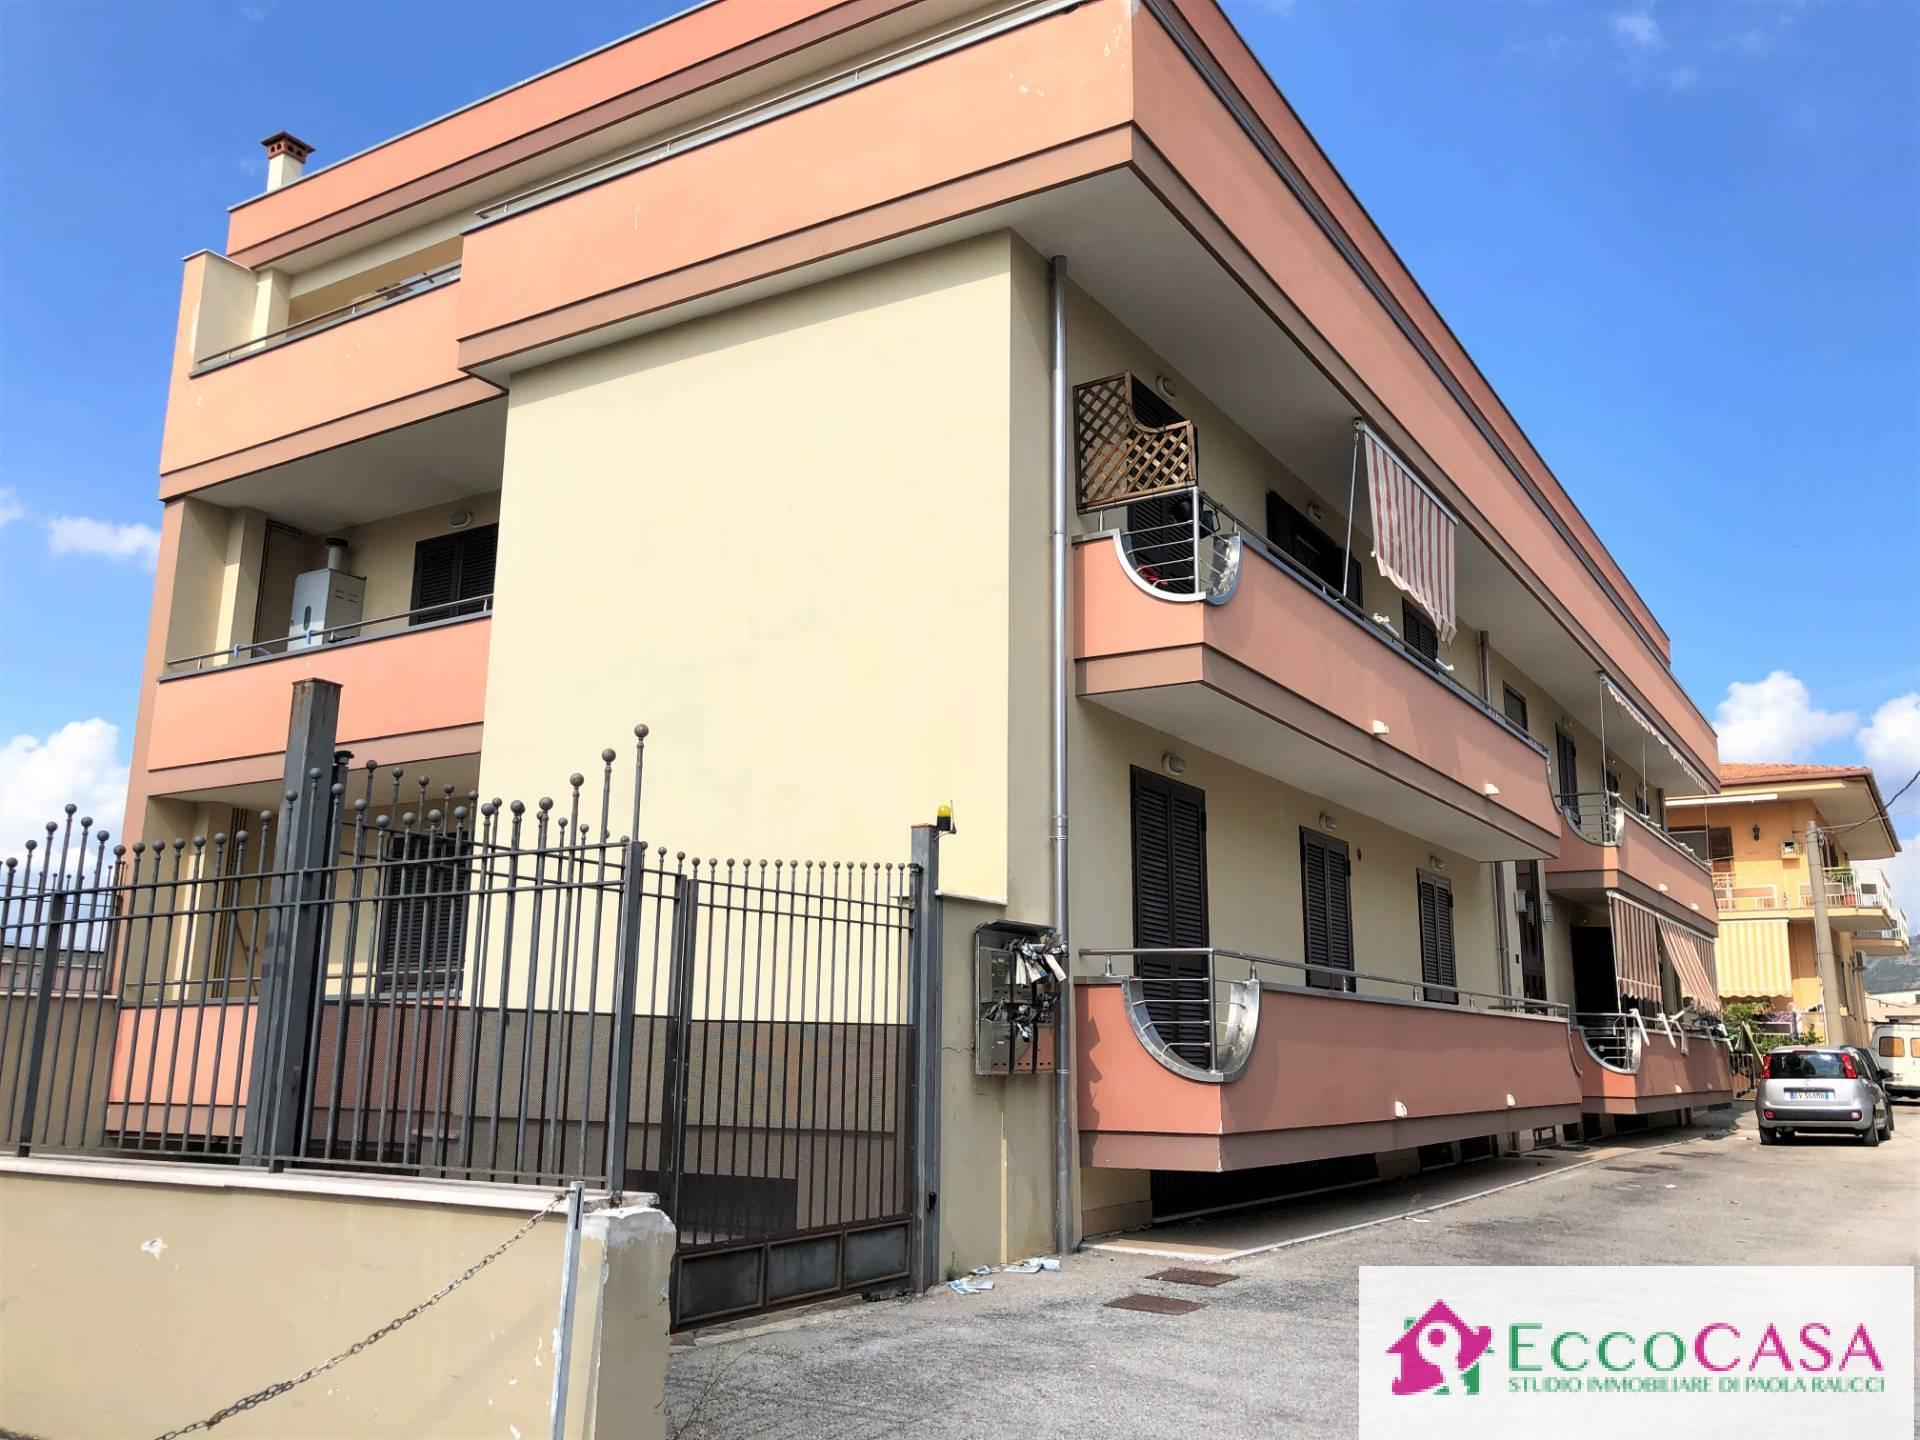 Appartamento in vendita a Maddaloni, 3 locali, prezzo € 140.000   CambioCasa.it